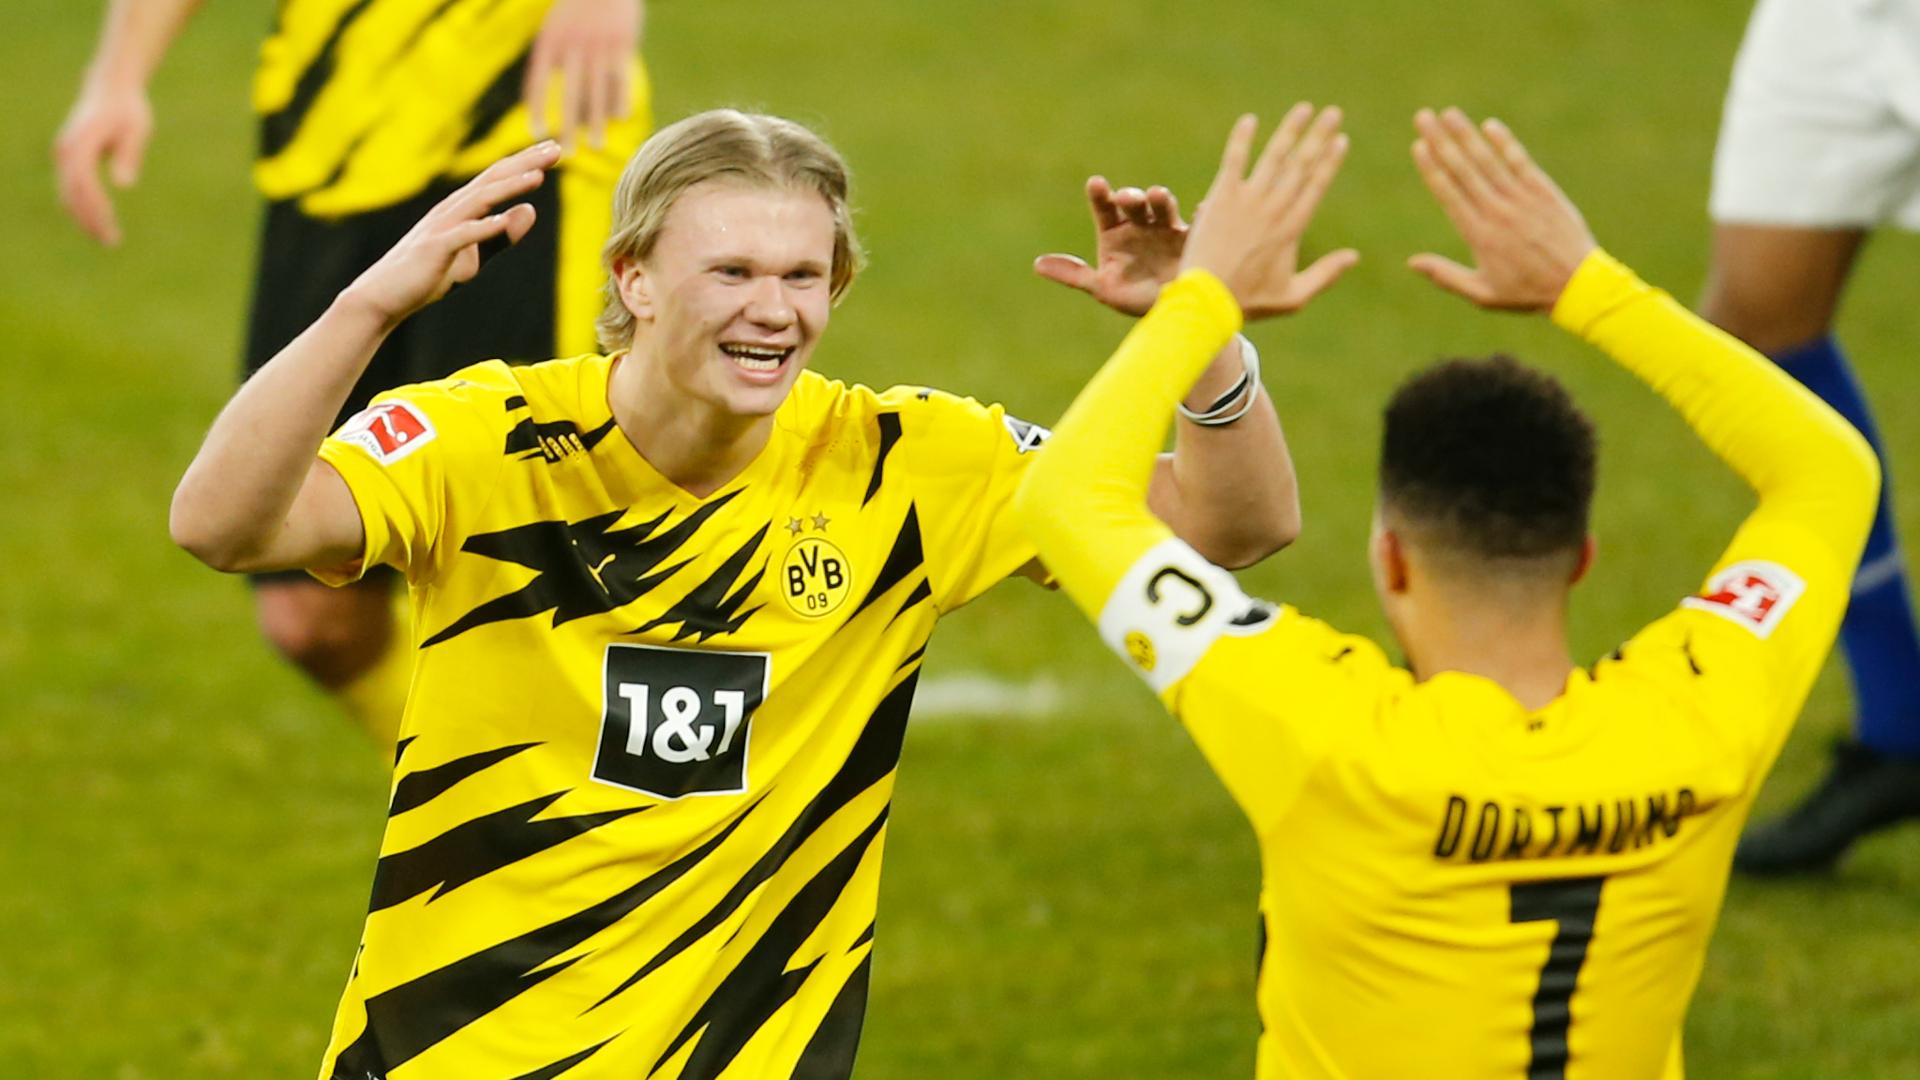 Dortmund have 'no alternative' to Haaland, would listen to 'exceptional' Sancho offer – Watzke